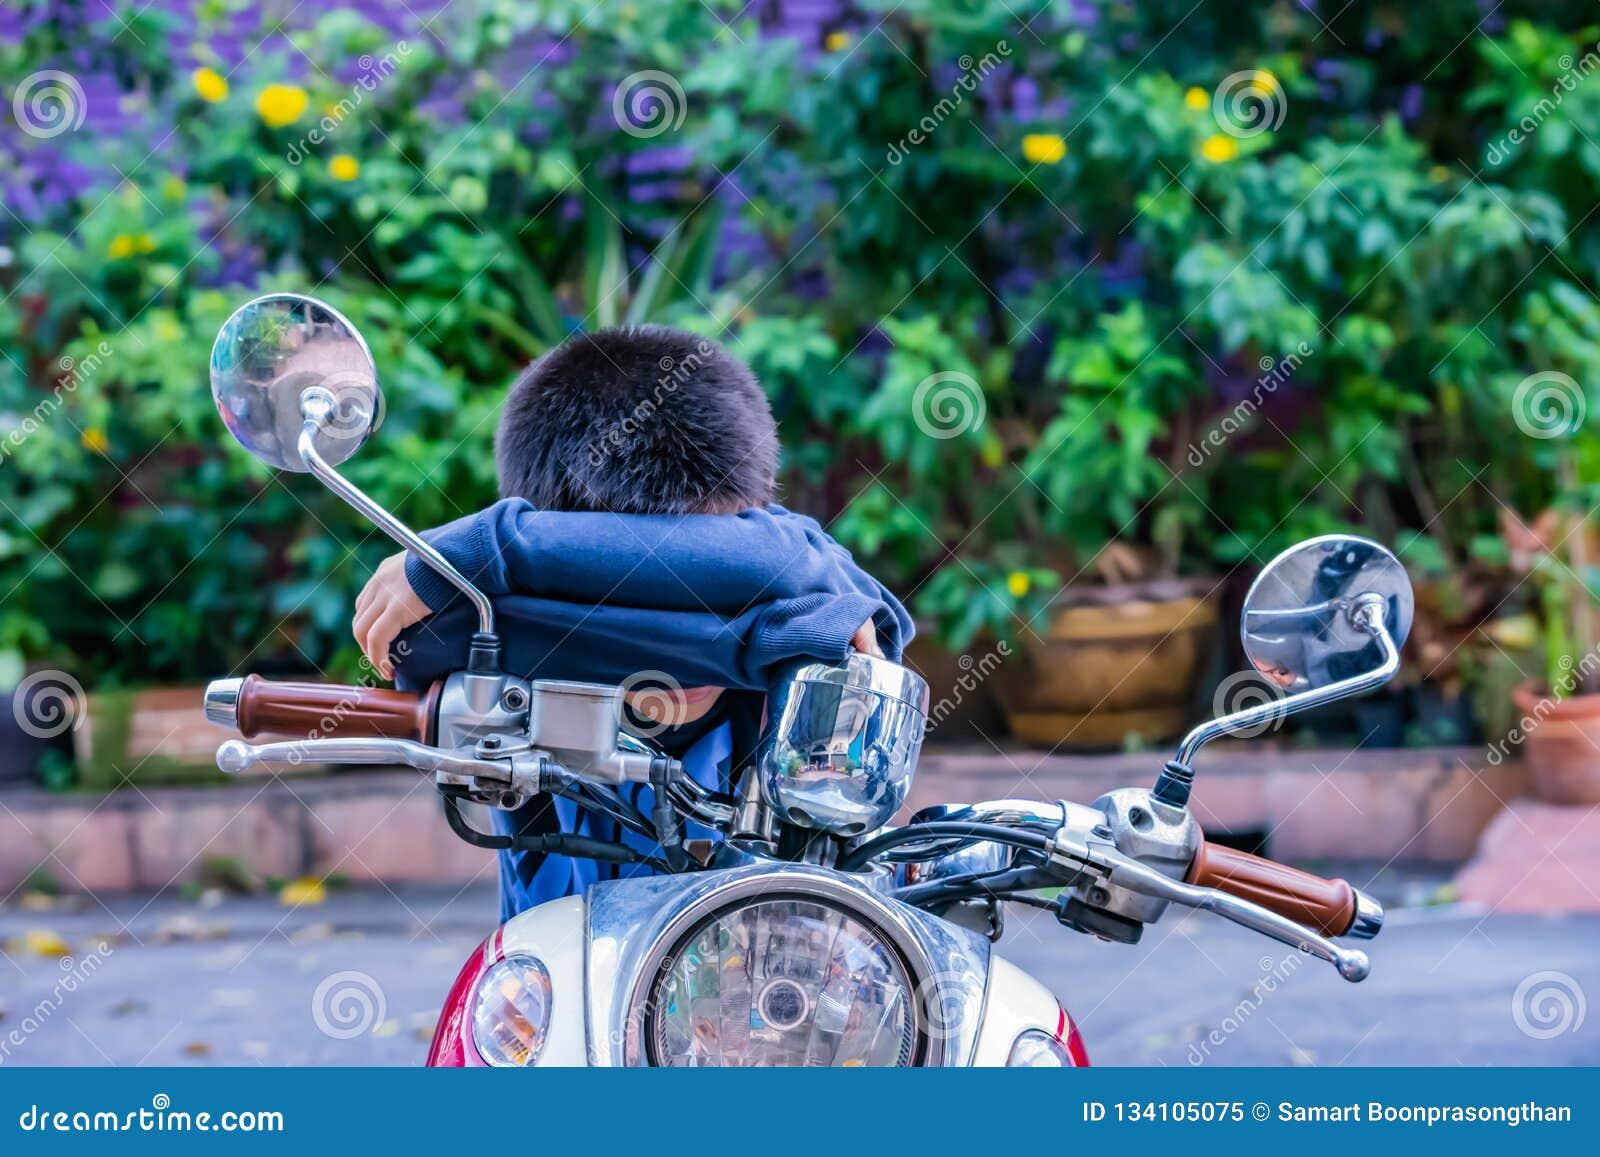 Chłopiec dosypianie na motocyklu i obsiadanie